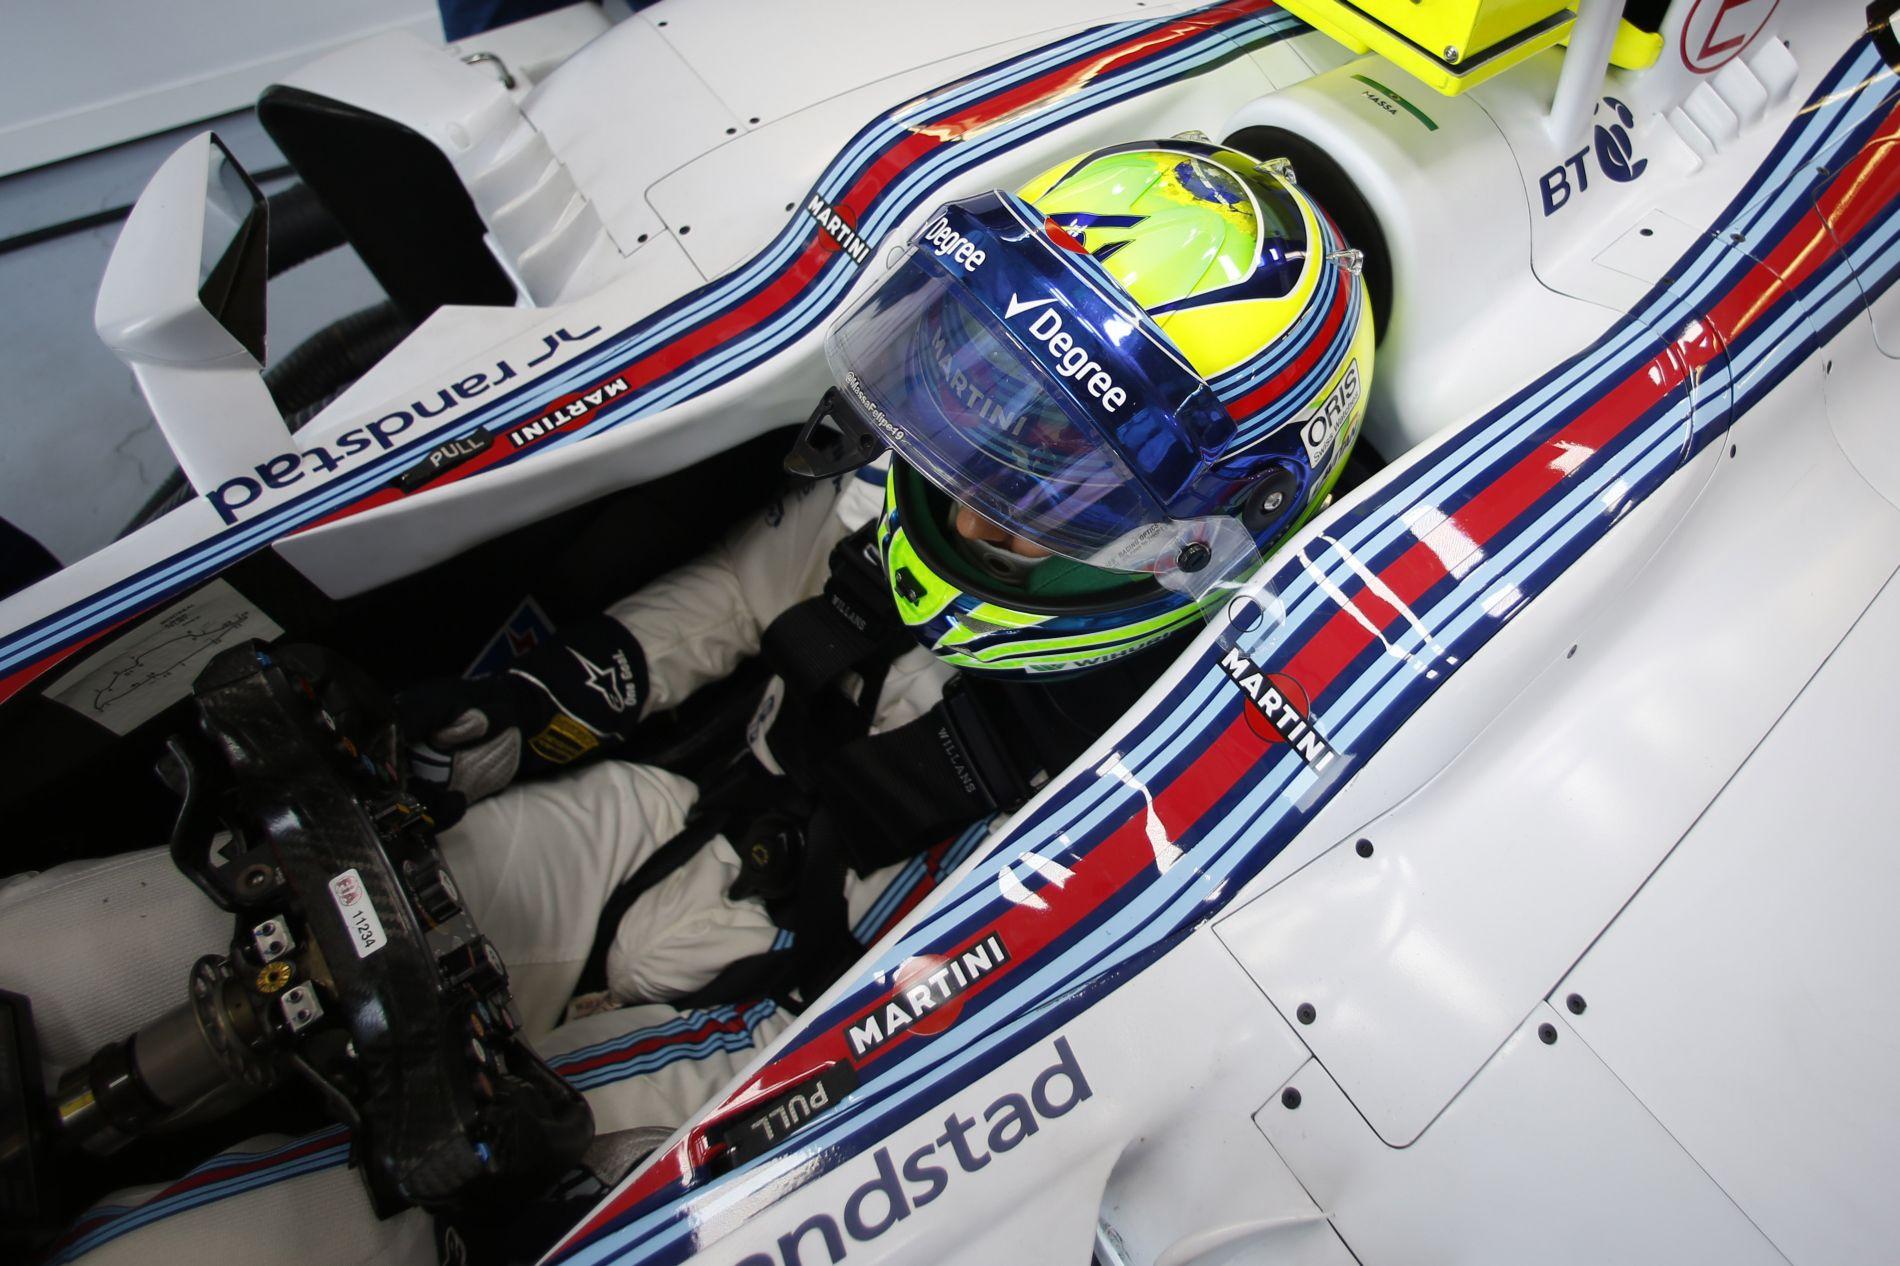 A Williams nagyon bízik a hazai pályában: zsinórban a harmadik dobogó?